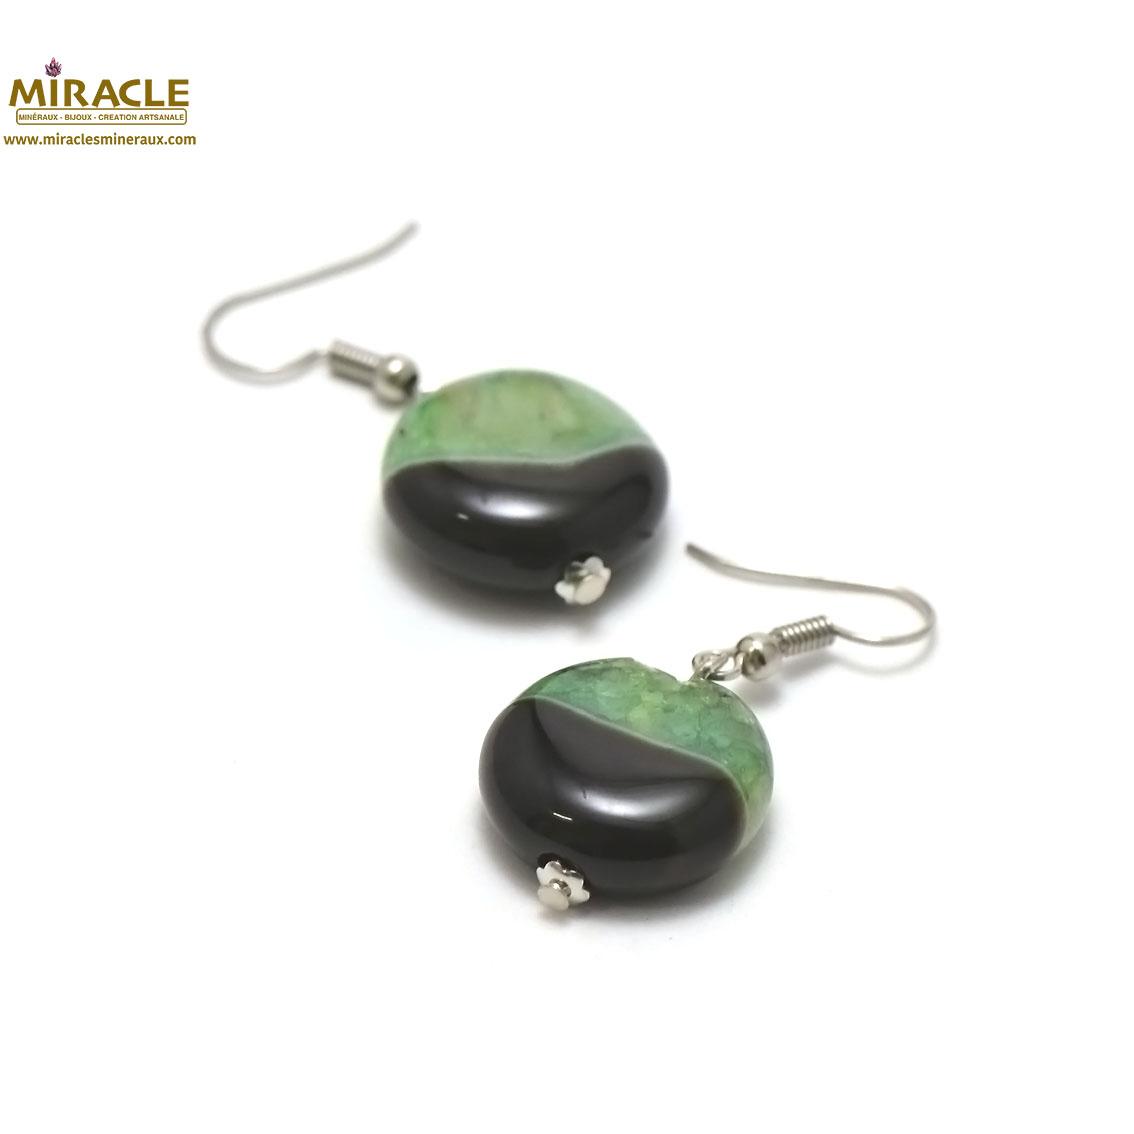 boucle d\'oreille agate bi-colore, perle palet rond noir/vert